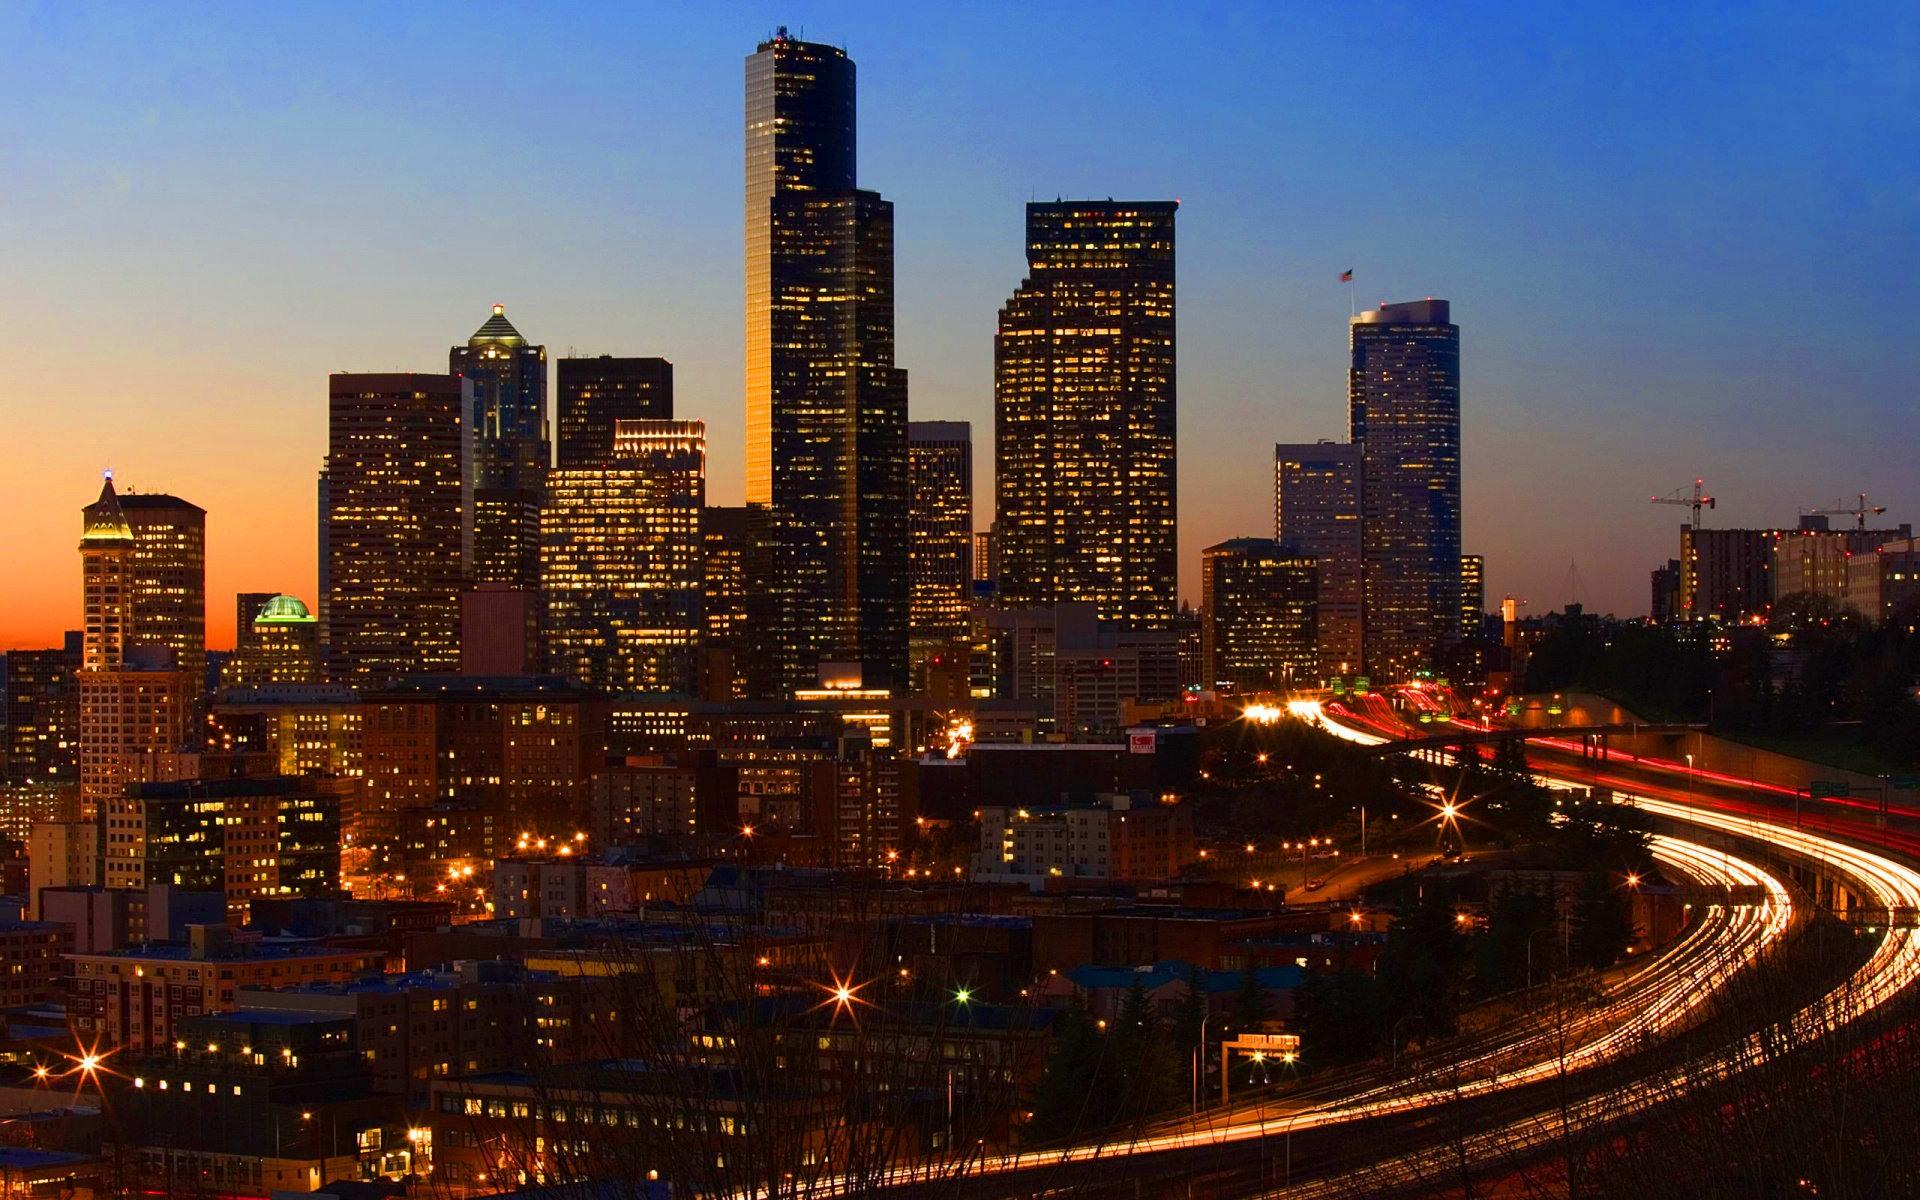 City at Night desktop wallpaper 1920x1200